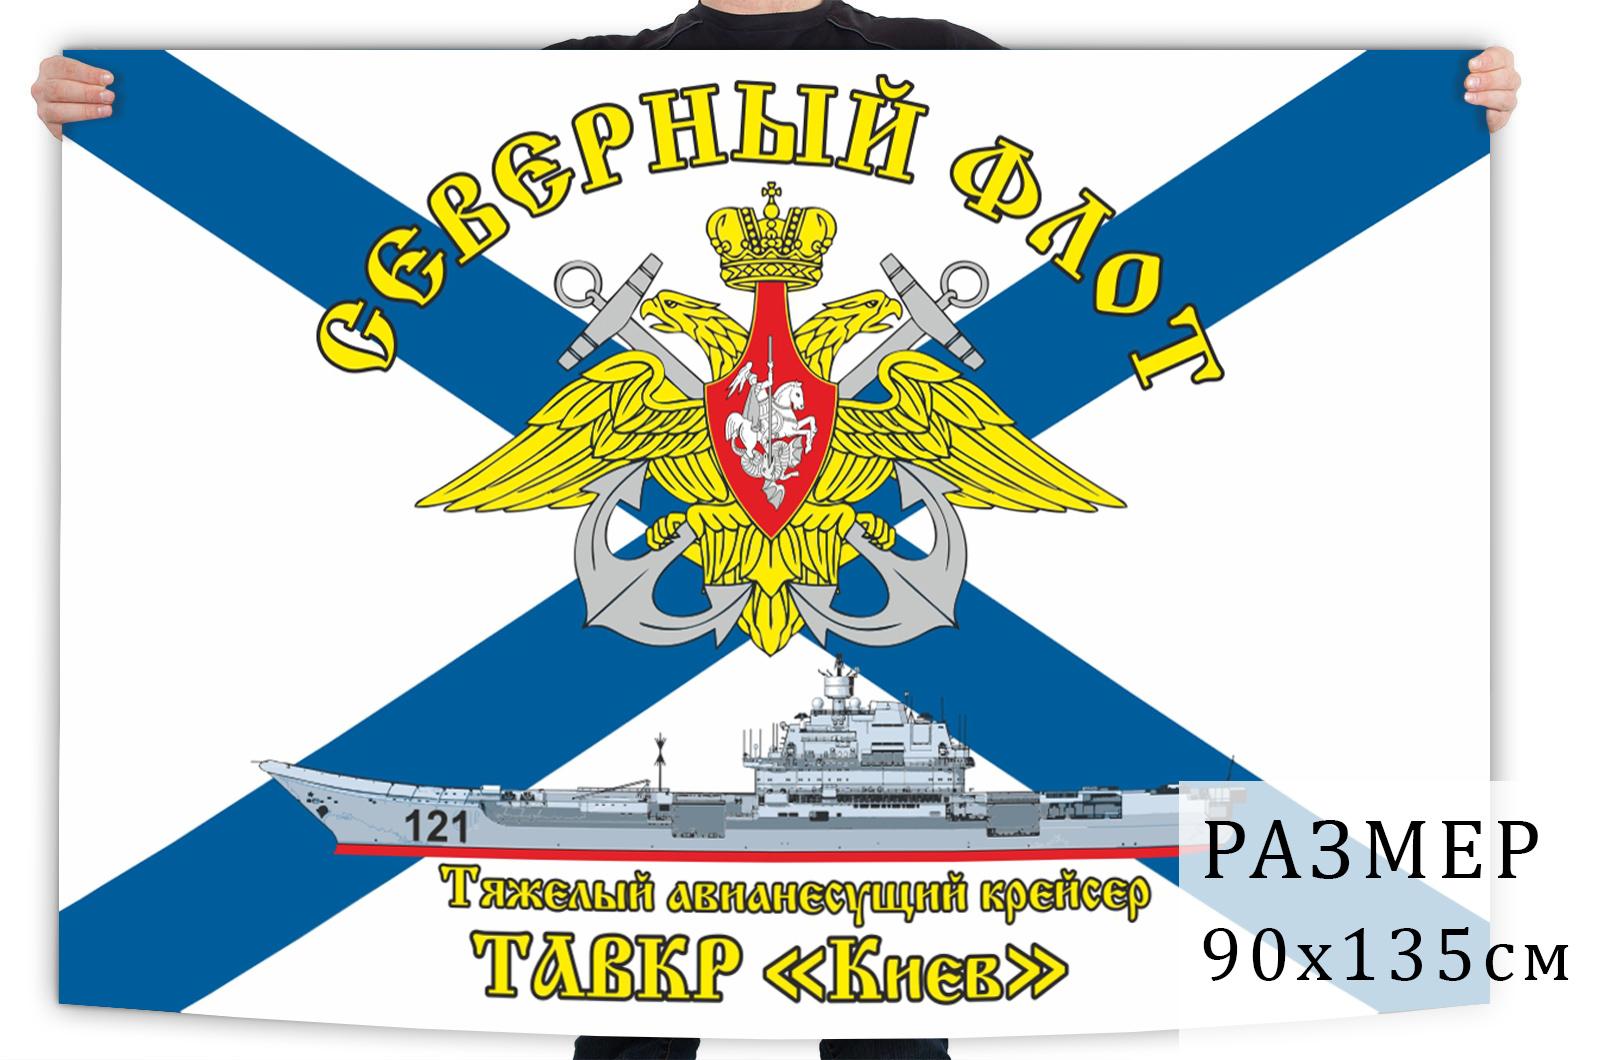 Купить с доставкой флаг ВМФ ТАВКР Киев